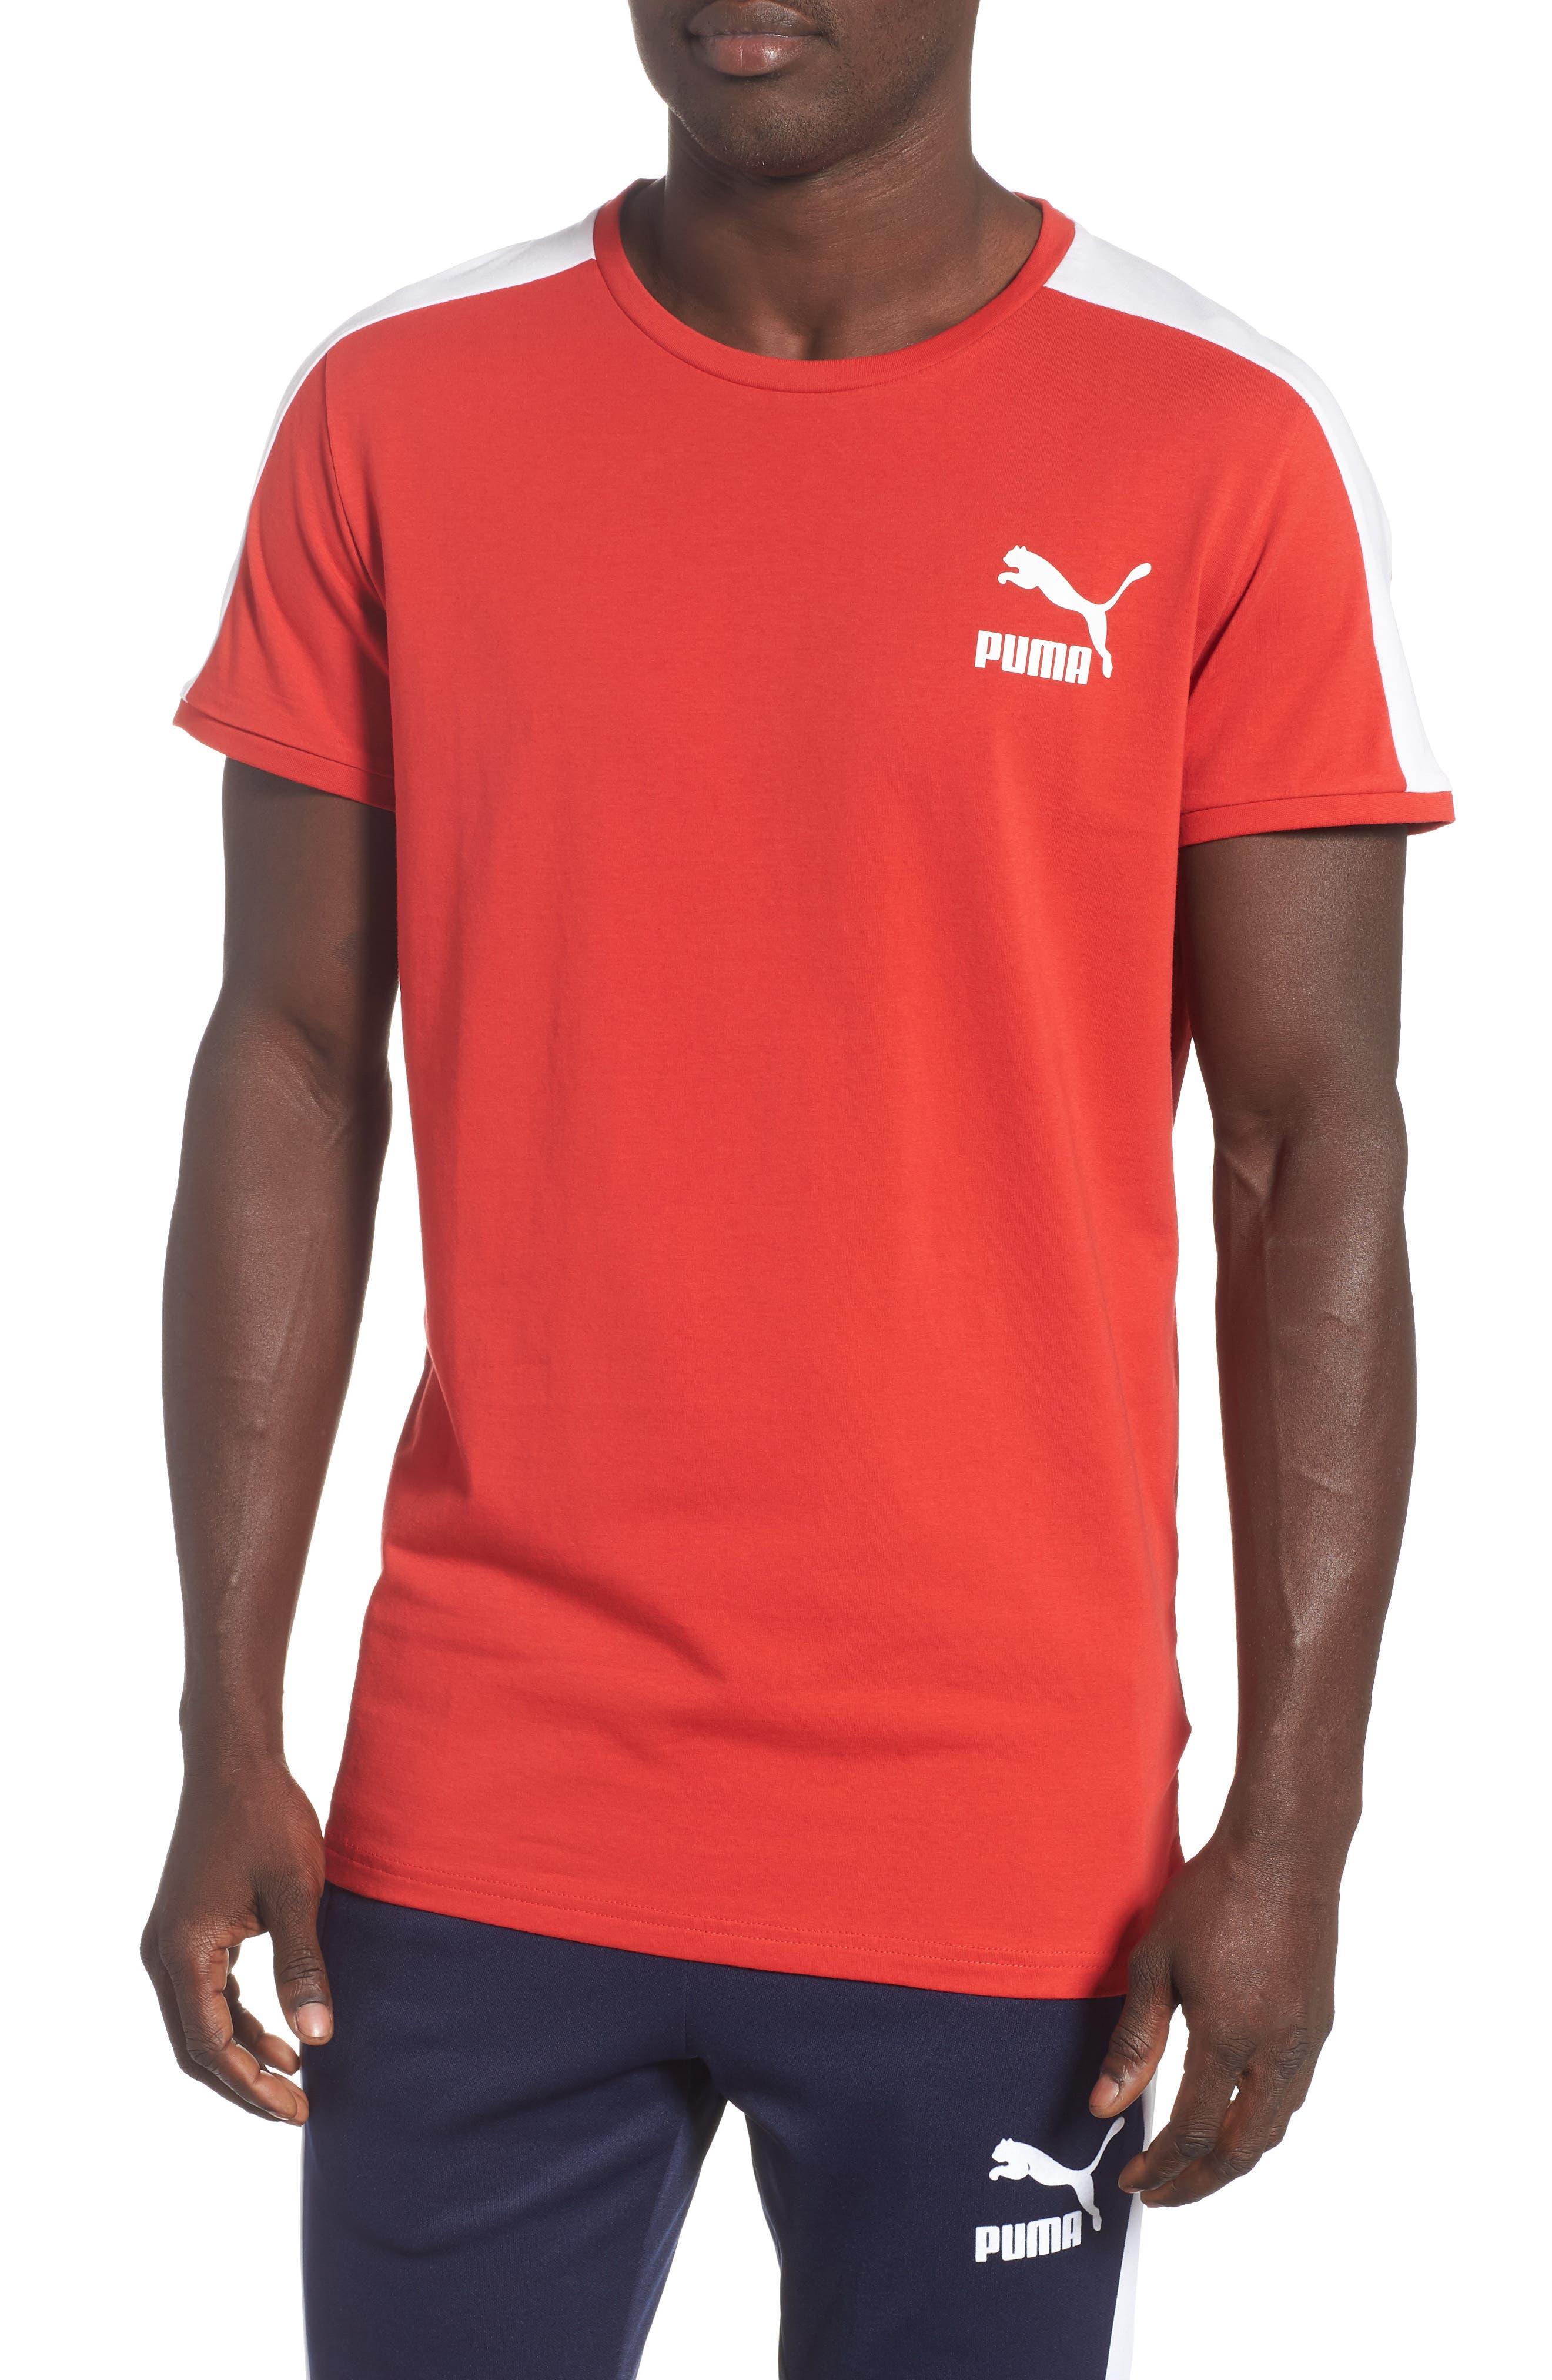 Red Puma Shoes Sneakers Nordstrom Tendencies Tshirt Fast Runner Putih Xxl